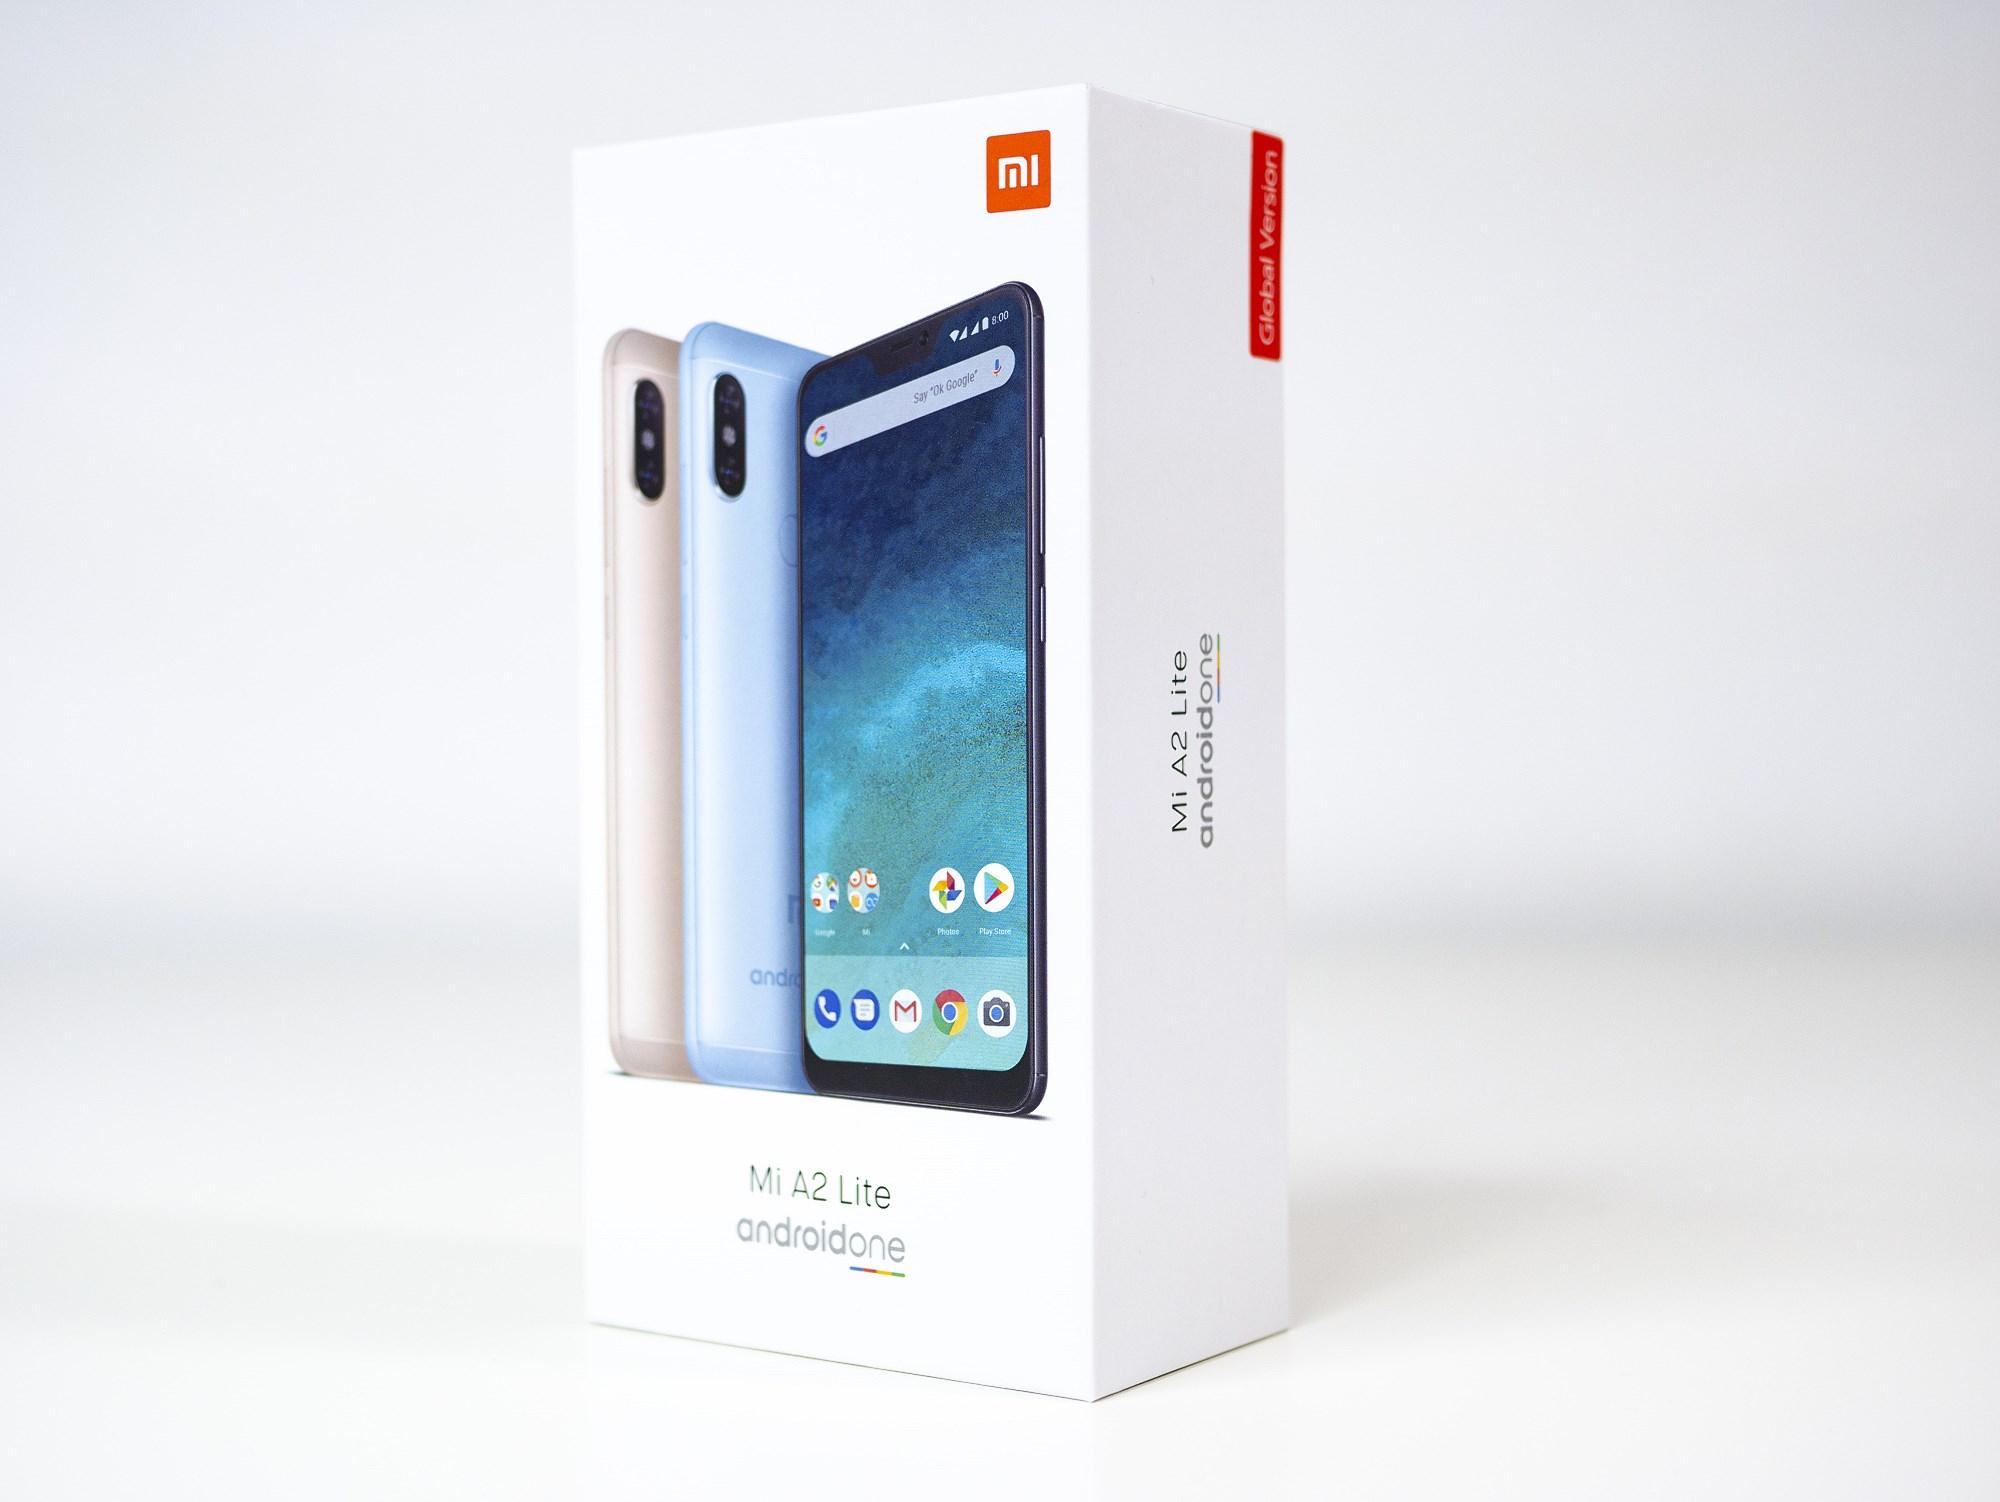 W efekcie po Xiaomi można spodziewać się 10 godzin strumieniowania wideo a po Samsungu 12 godzin strumieniowania Oba smartfony mają bardzo dobrą średnią